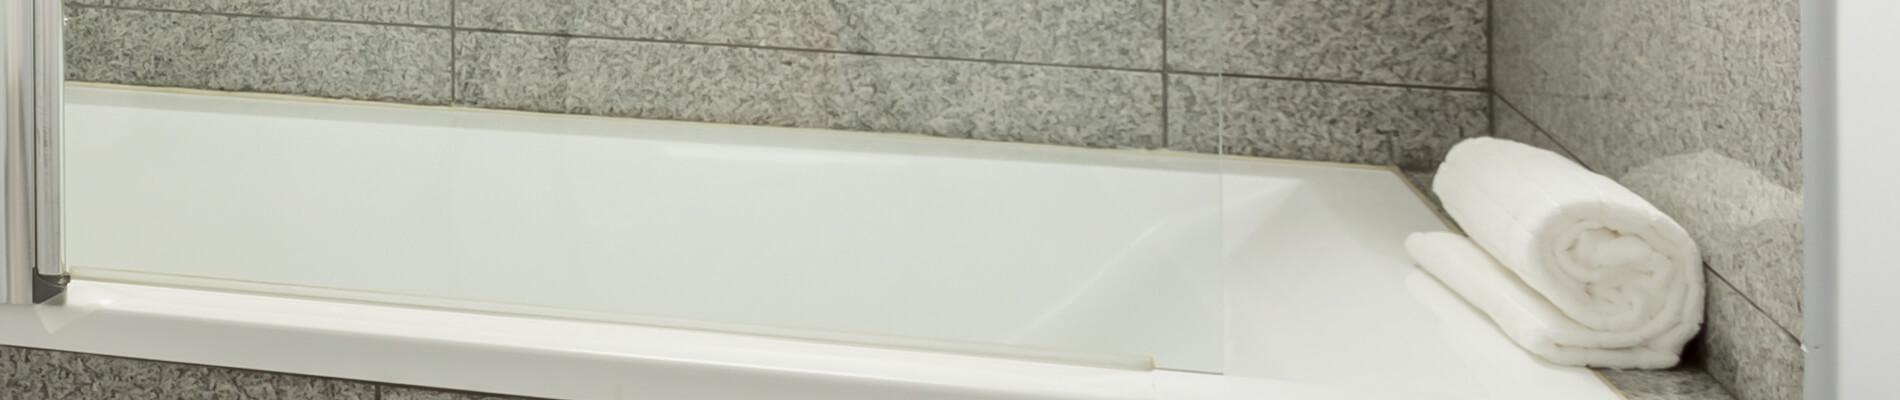 Granite in the shower